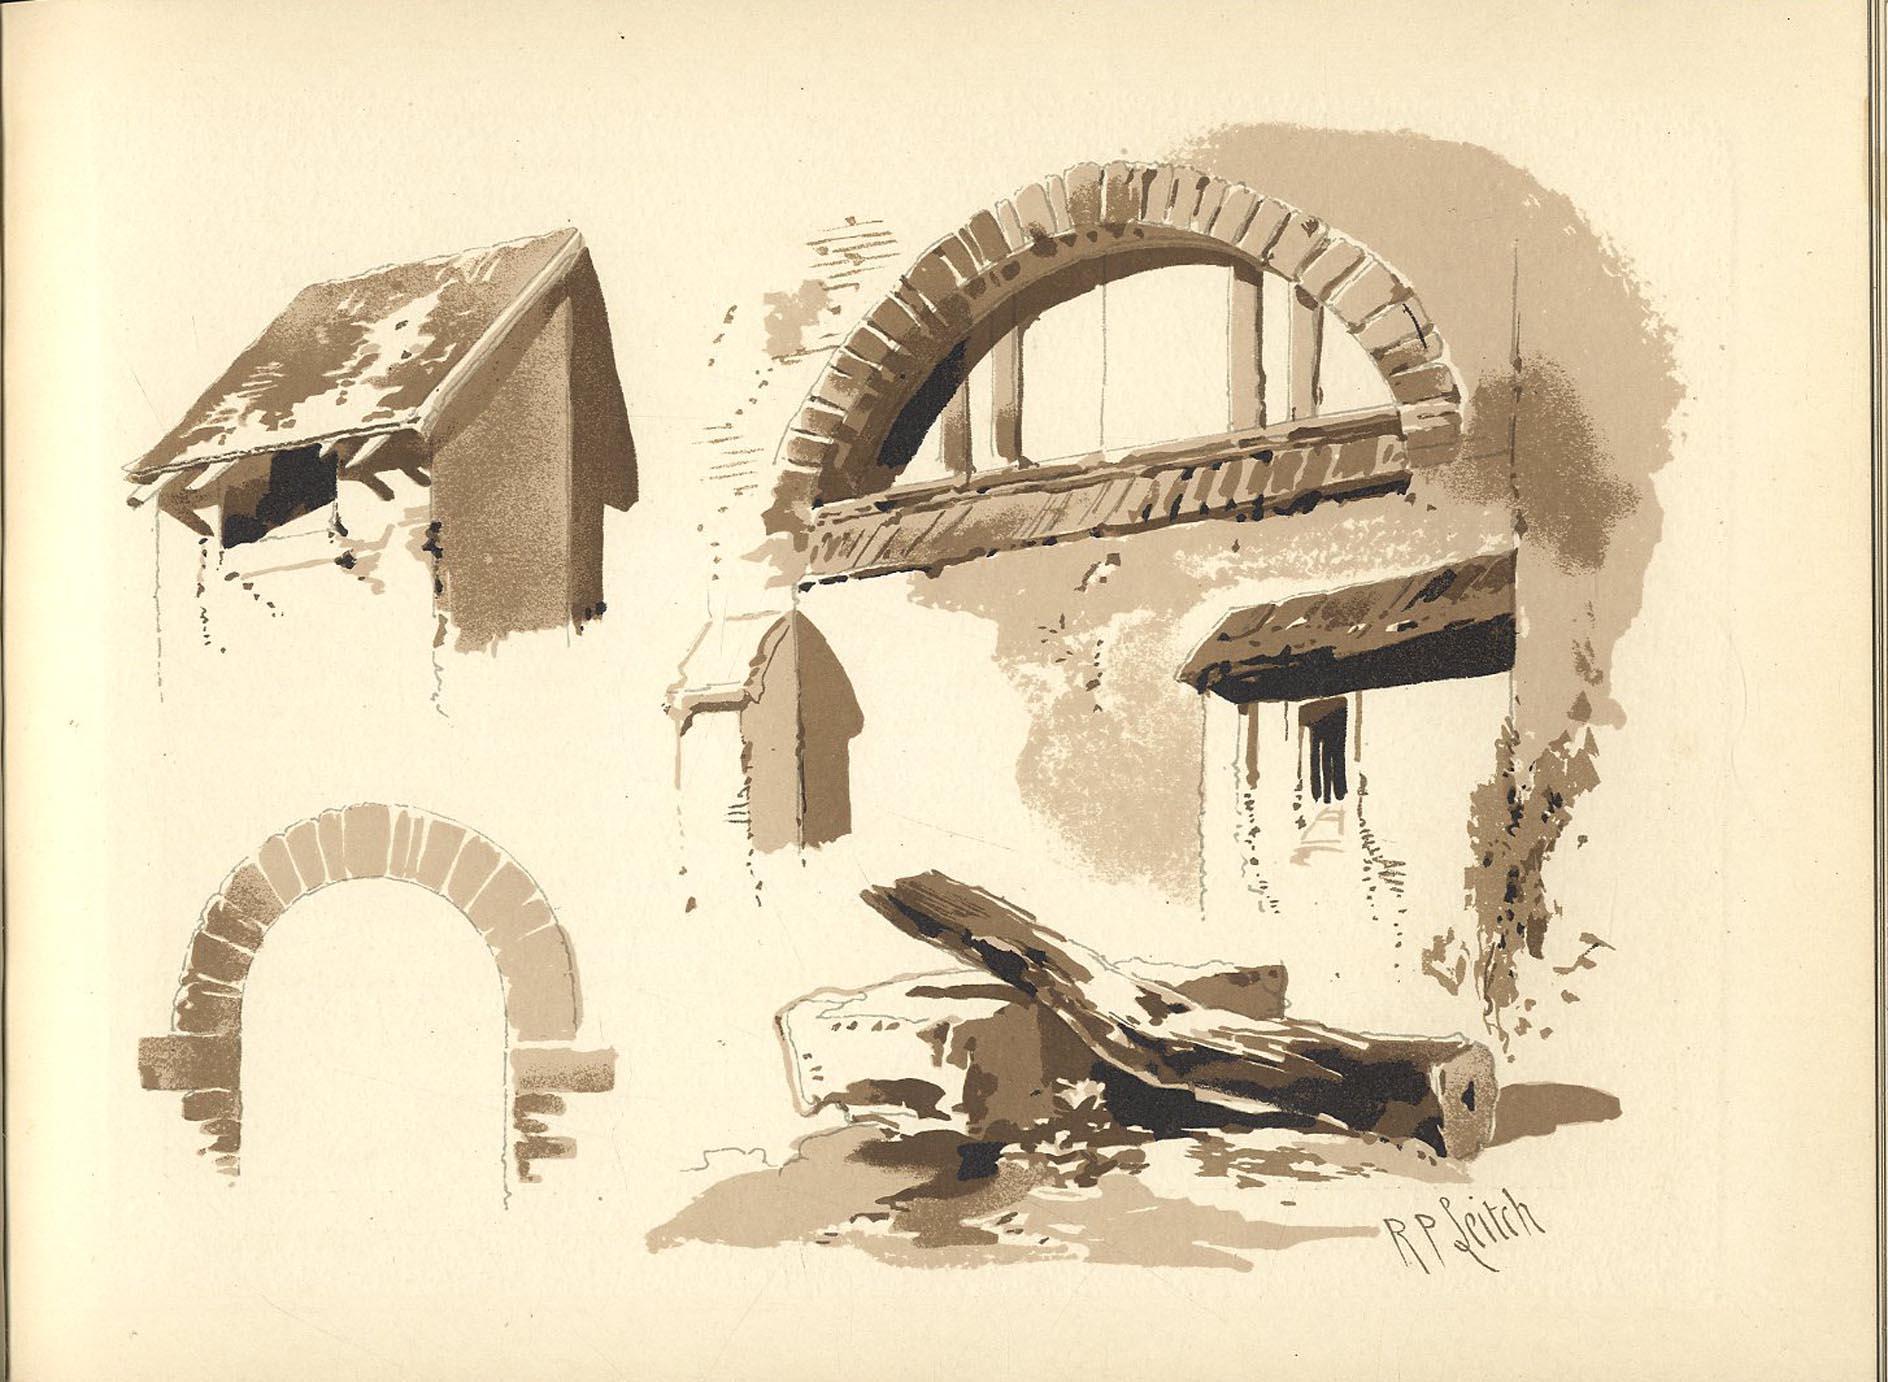 SH580.jpg (1888×1382)